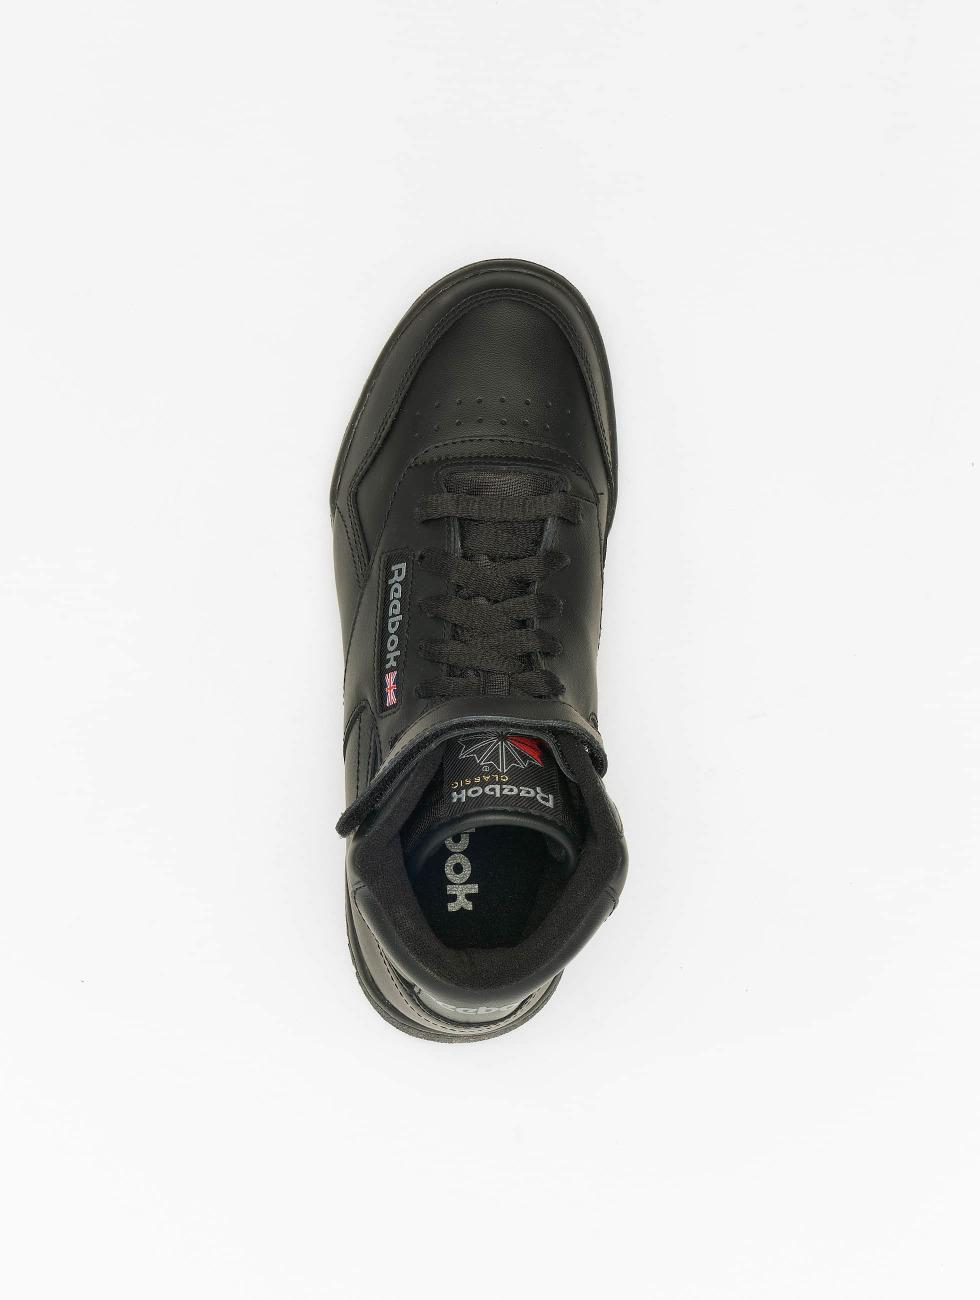 Chaussures Reebok / Baskets Salut Chaussures De Basket-ball De Exofit Noir 5023 Dernières Collections Vente En Ligne QU4XDbve0